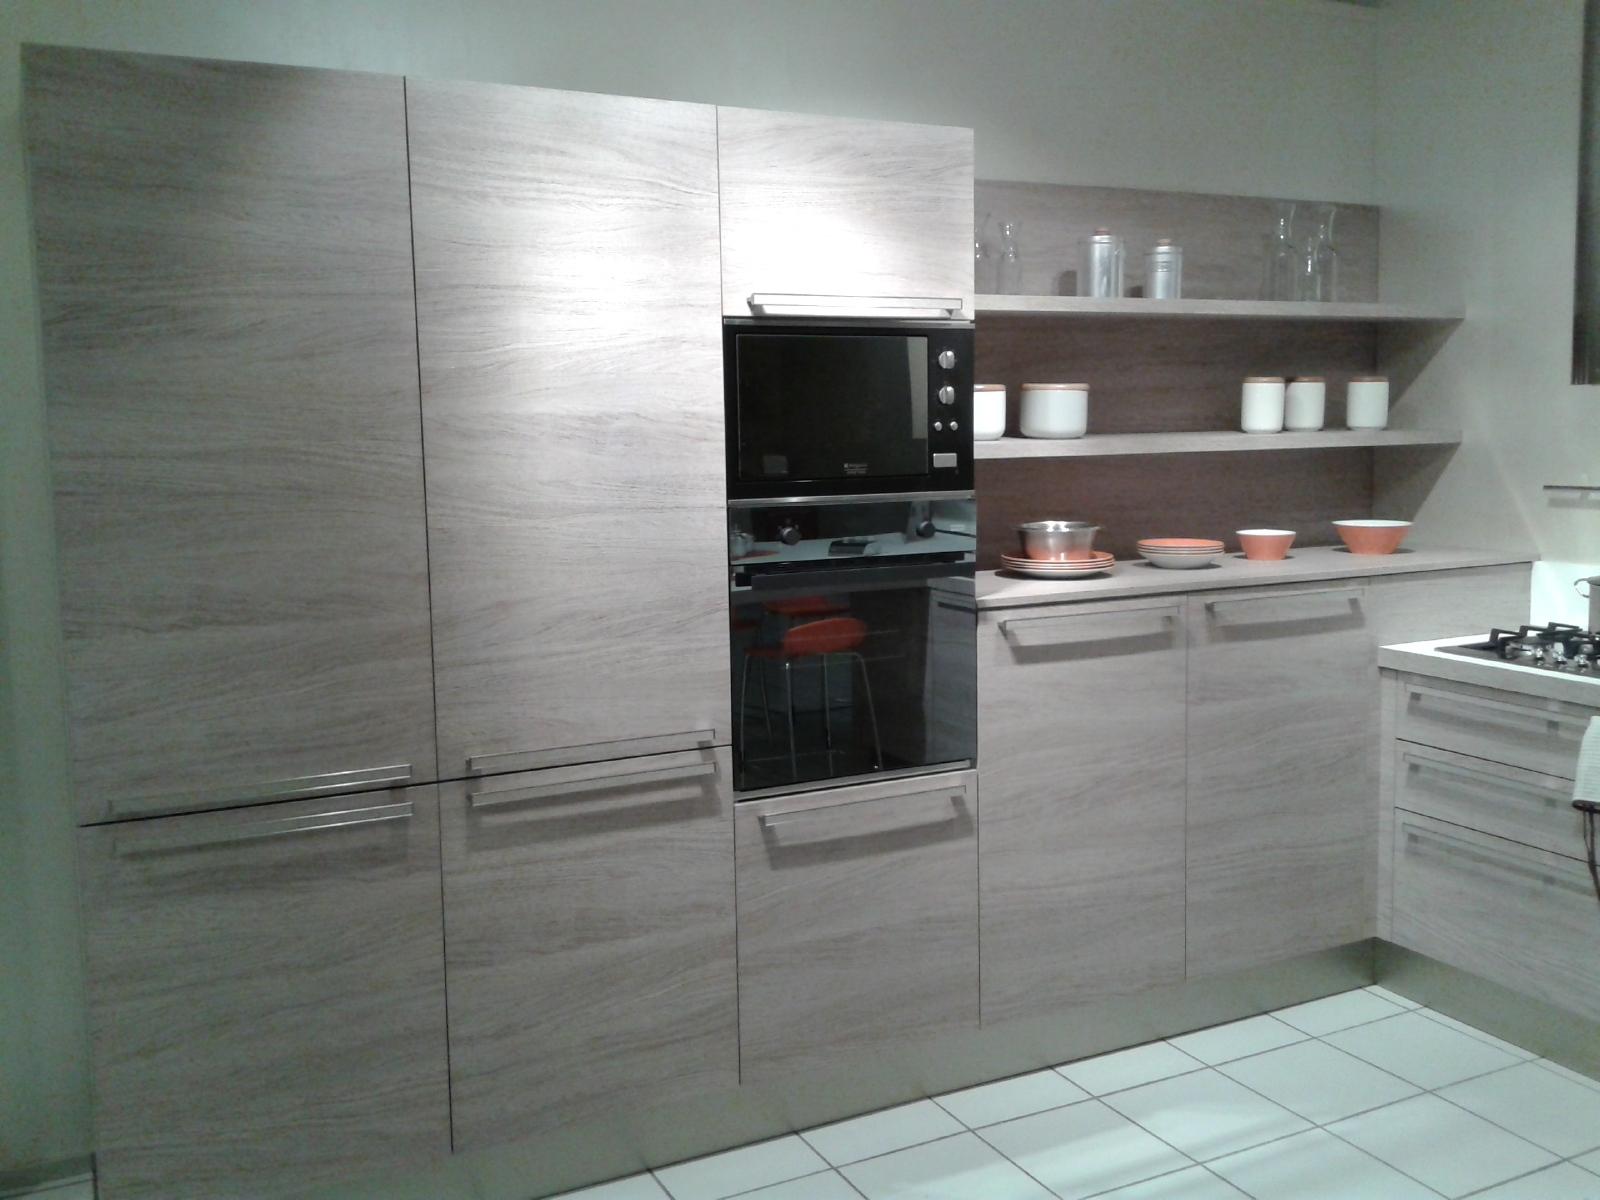 Cucina Veneta Cucine Ethica Decorativo Laminato Materico